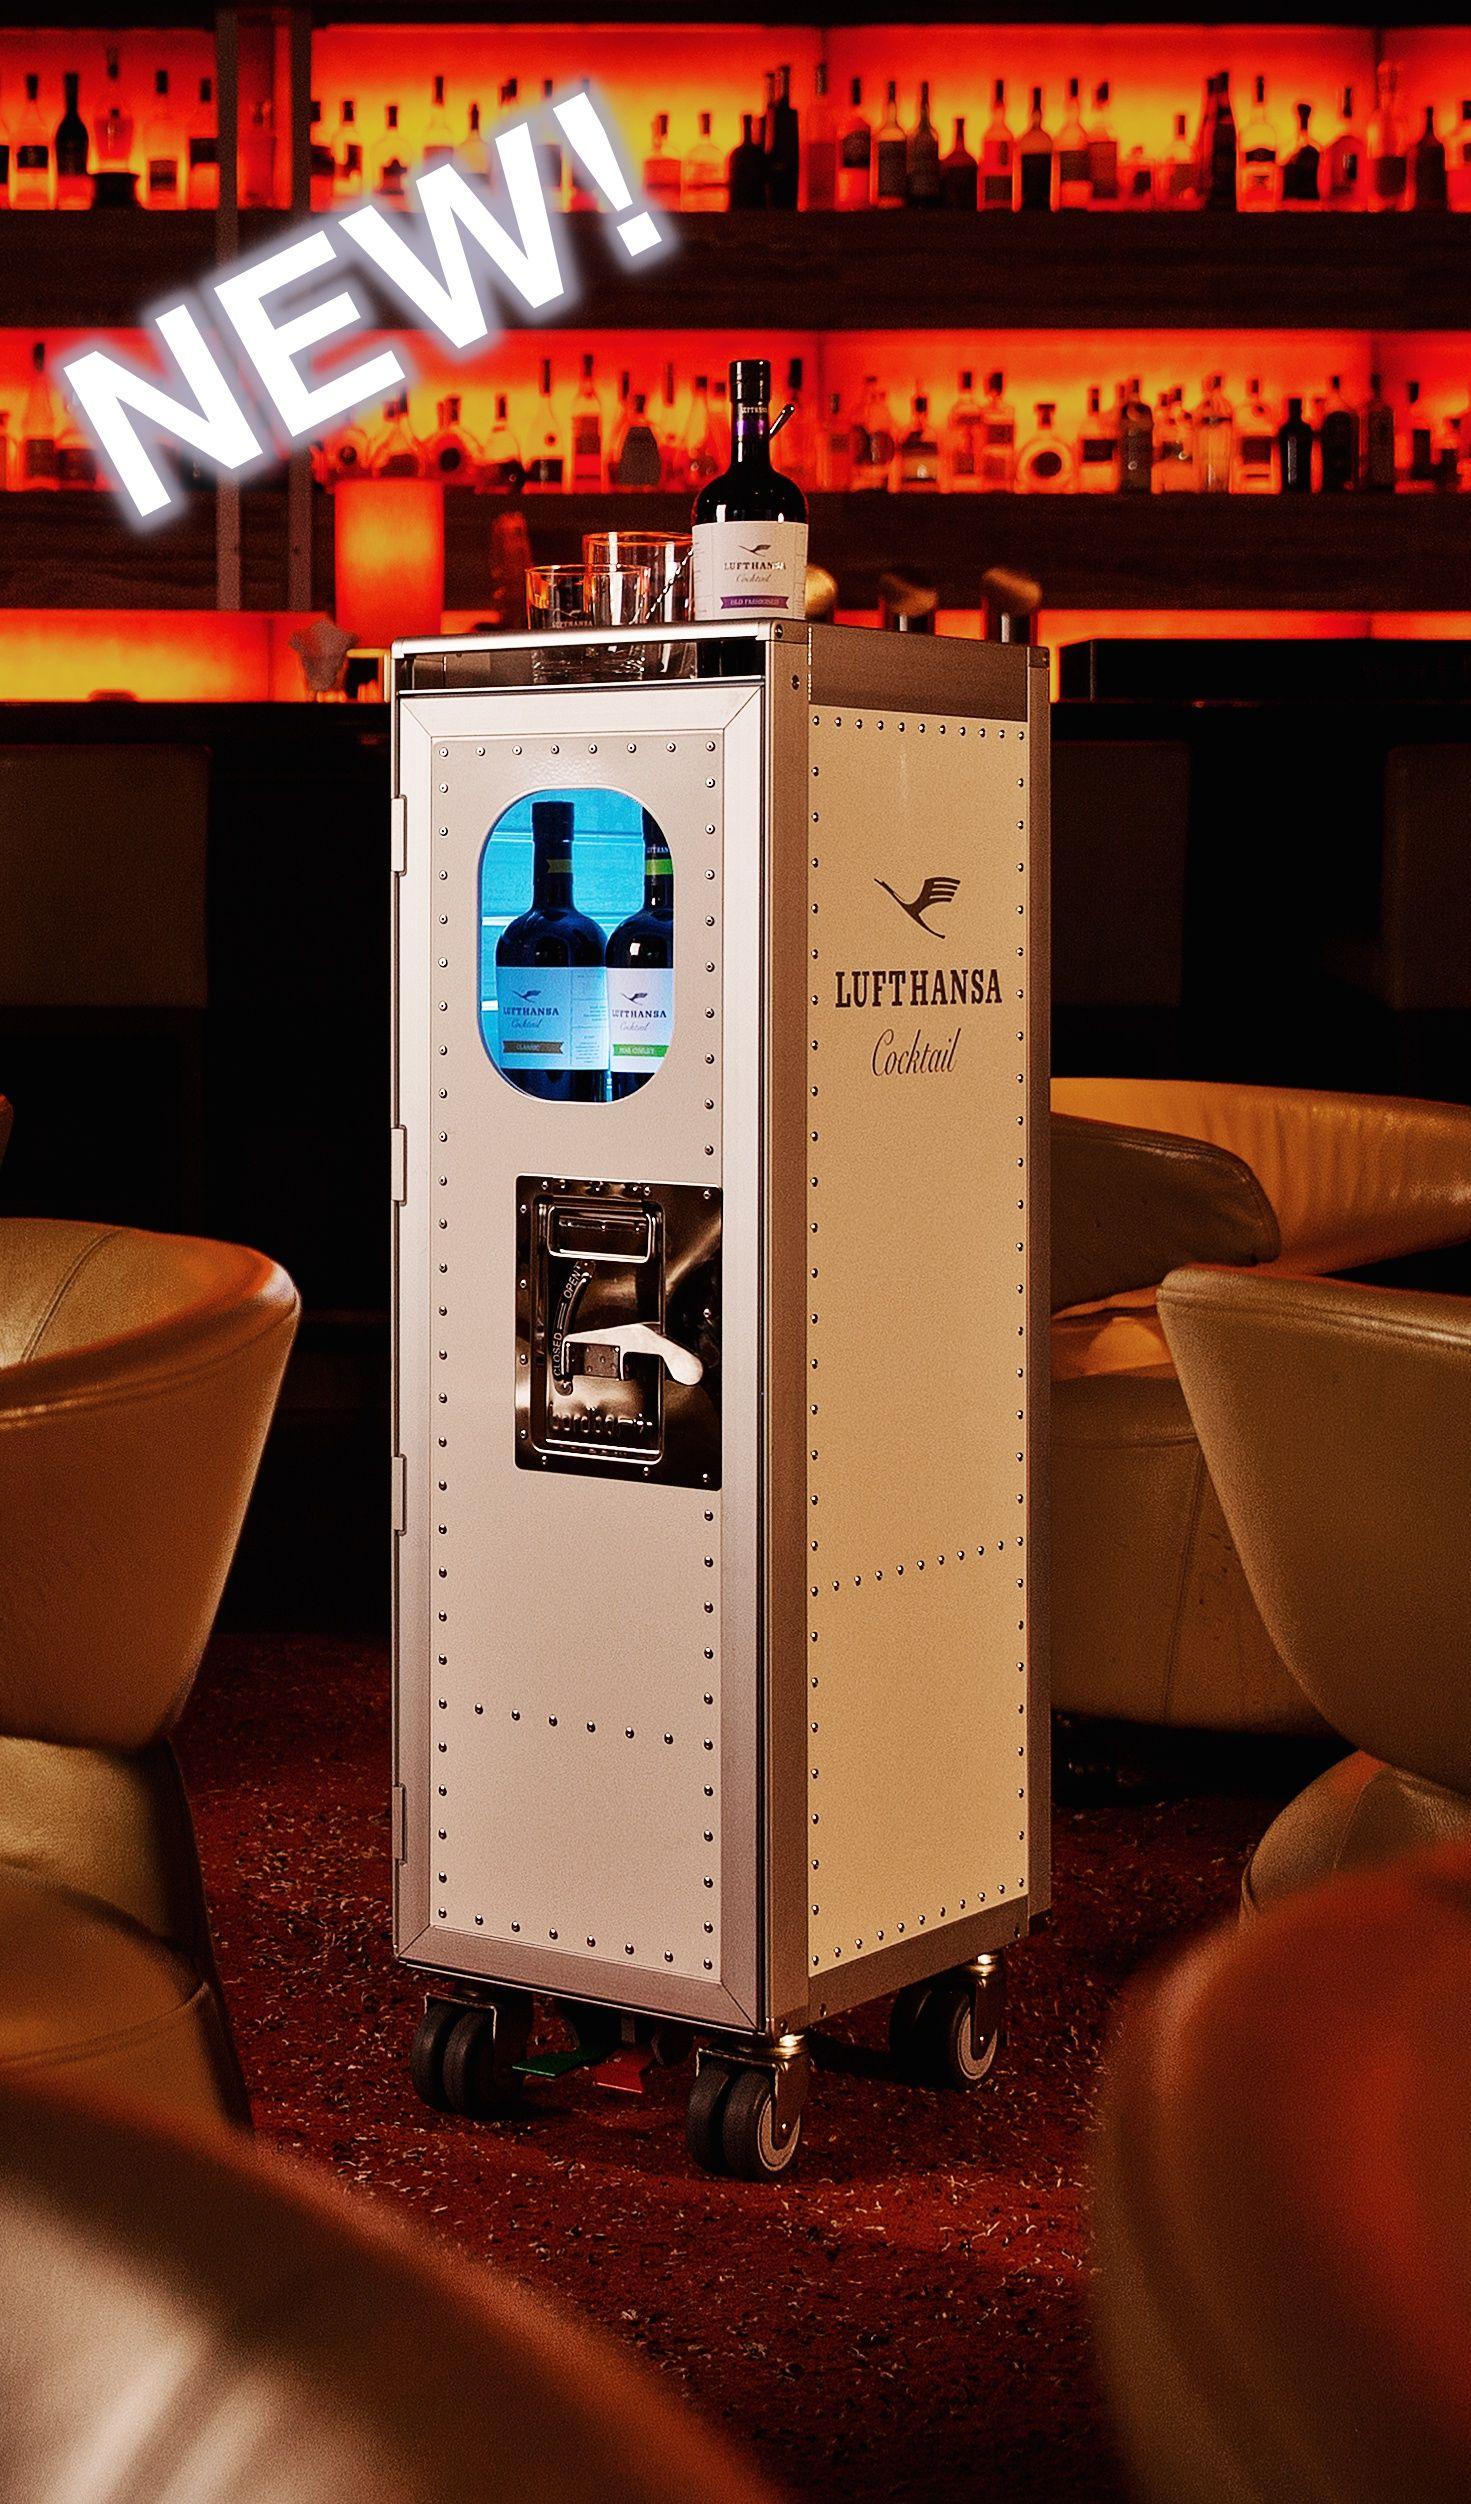 der bordbar flugzeugtrolley lufthansa cocktail ist einfach ein cooles teil super als bar in. Black Bedroom Furniture Sets. Home Design Ideas